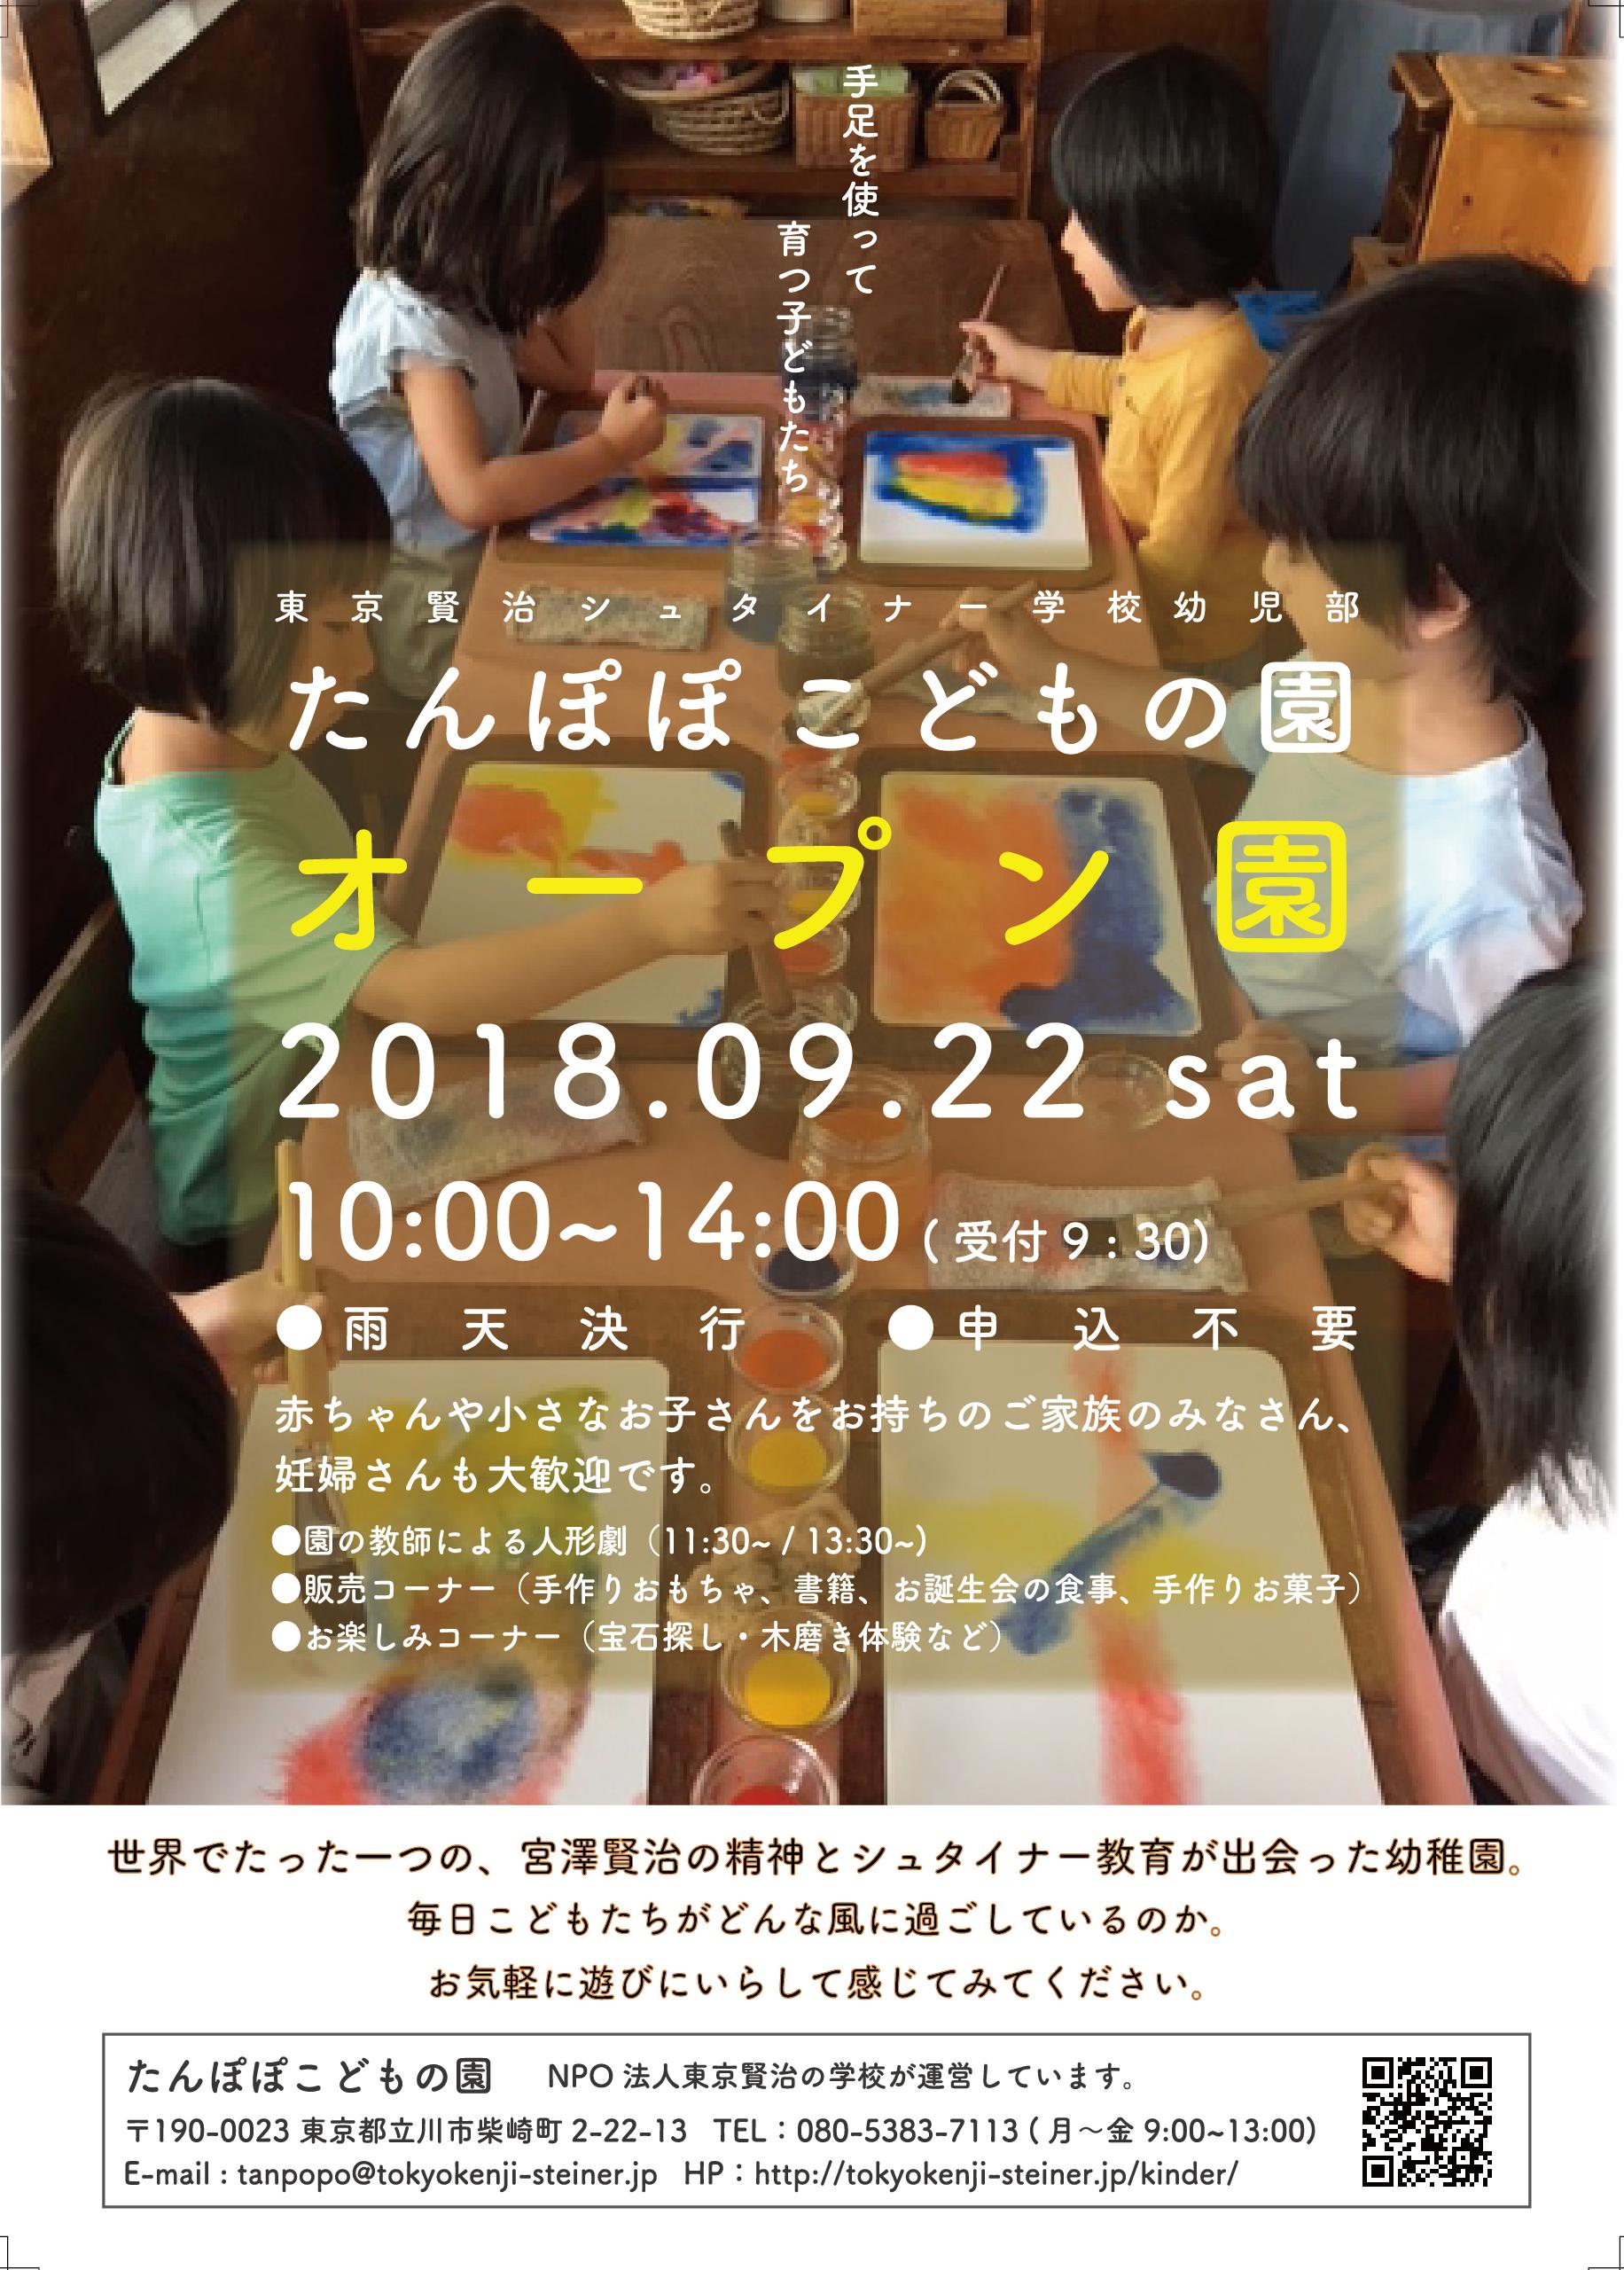 9月22日(土) たんぽぽ園のオープン園を開催します